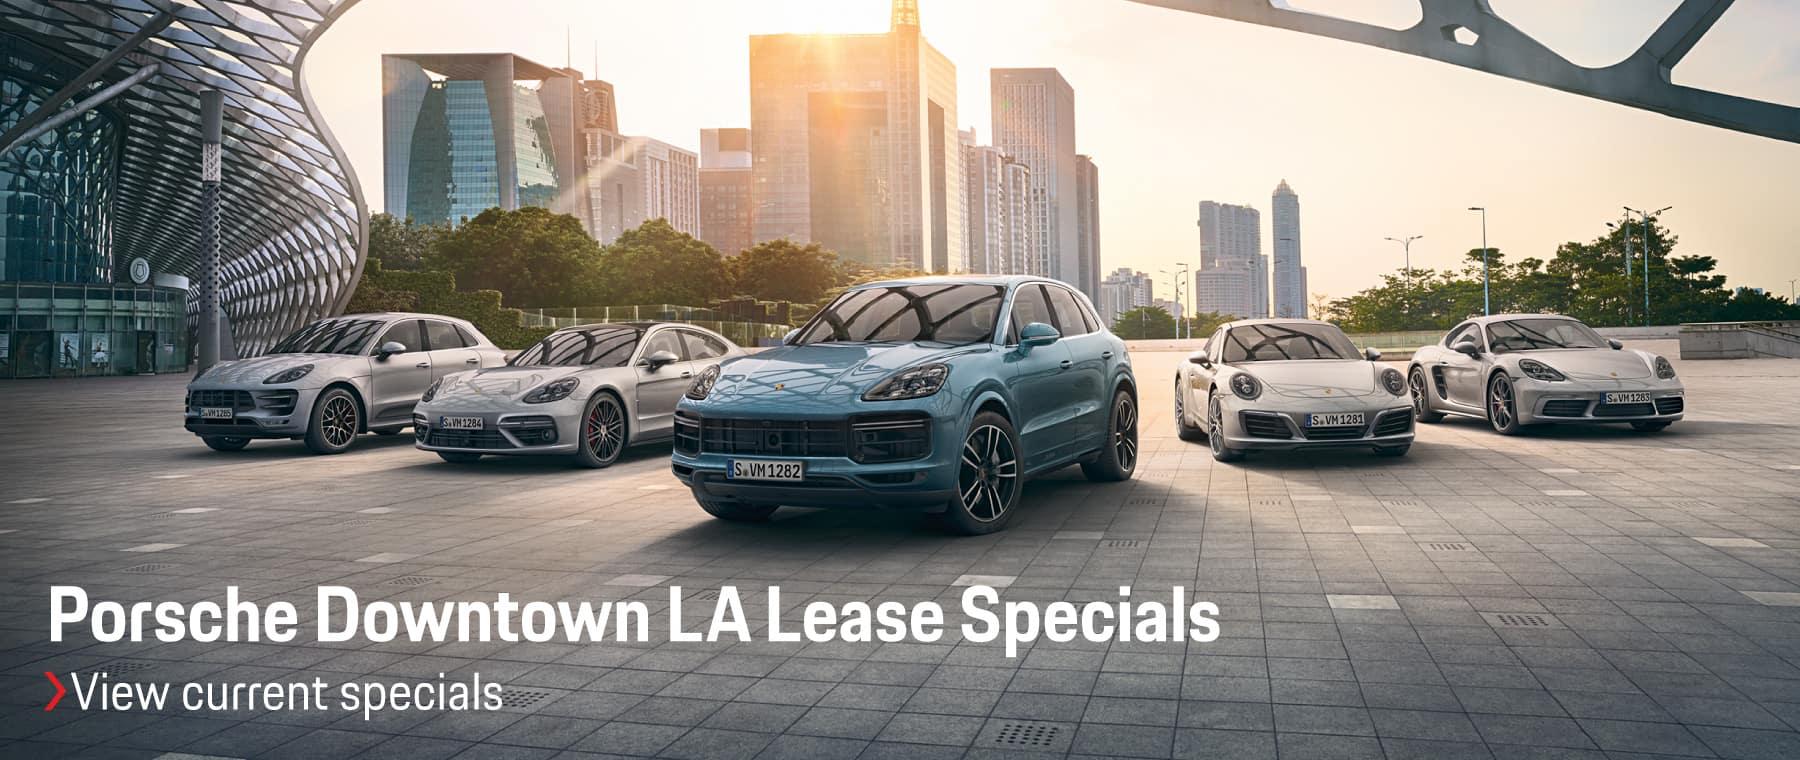 Porsche April Specials